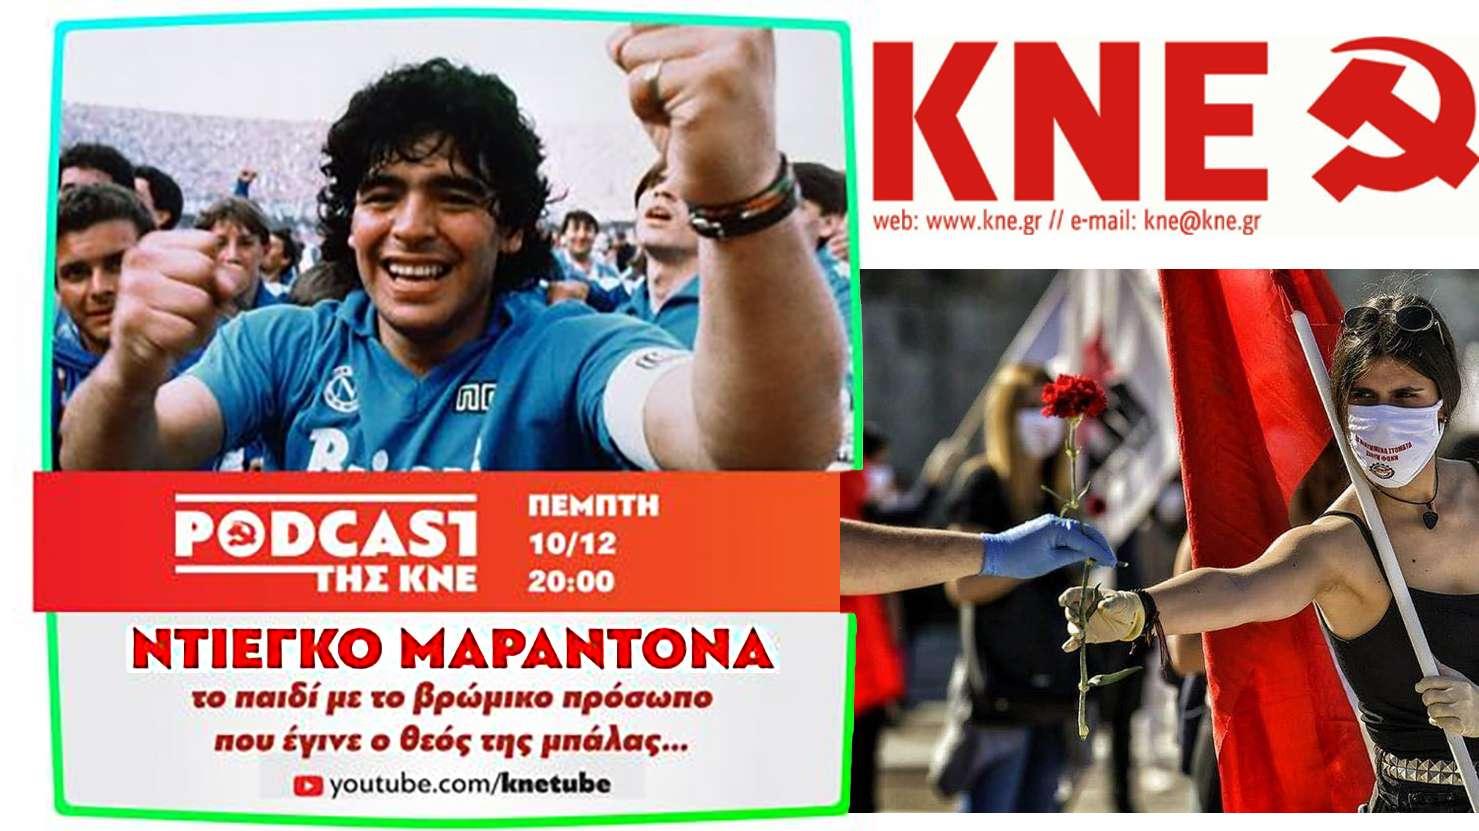 ΚΝΕ Diego Maradona pod cast